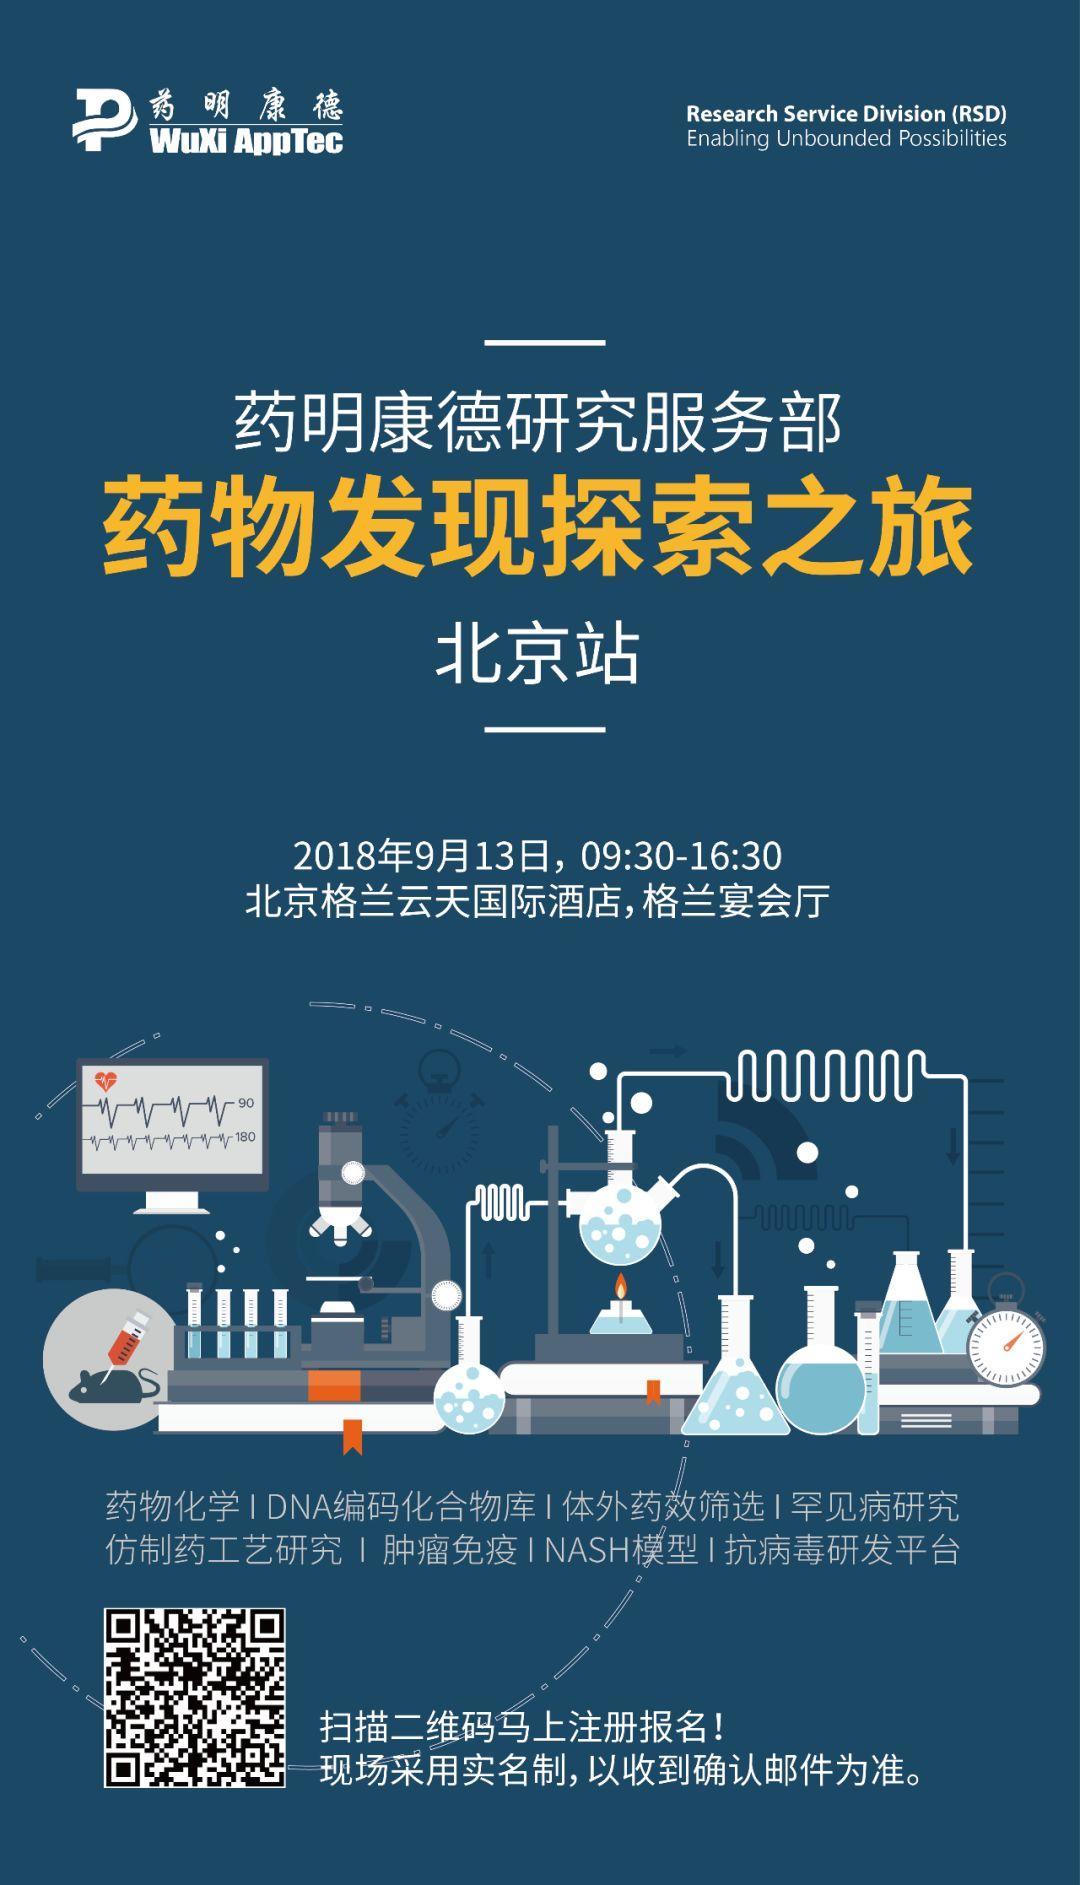 药明康德研究服务部药物发现探索之旅主题研讨会 l 北京站